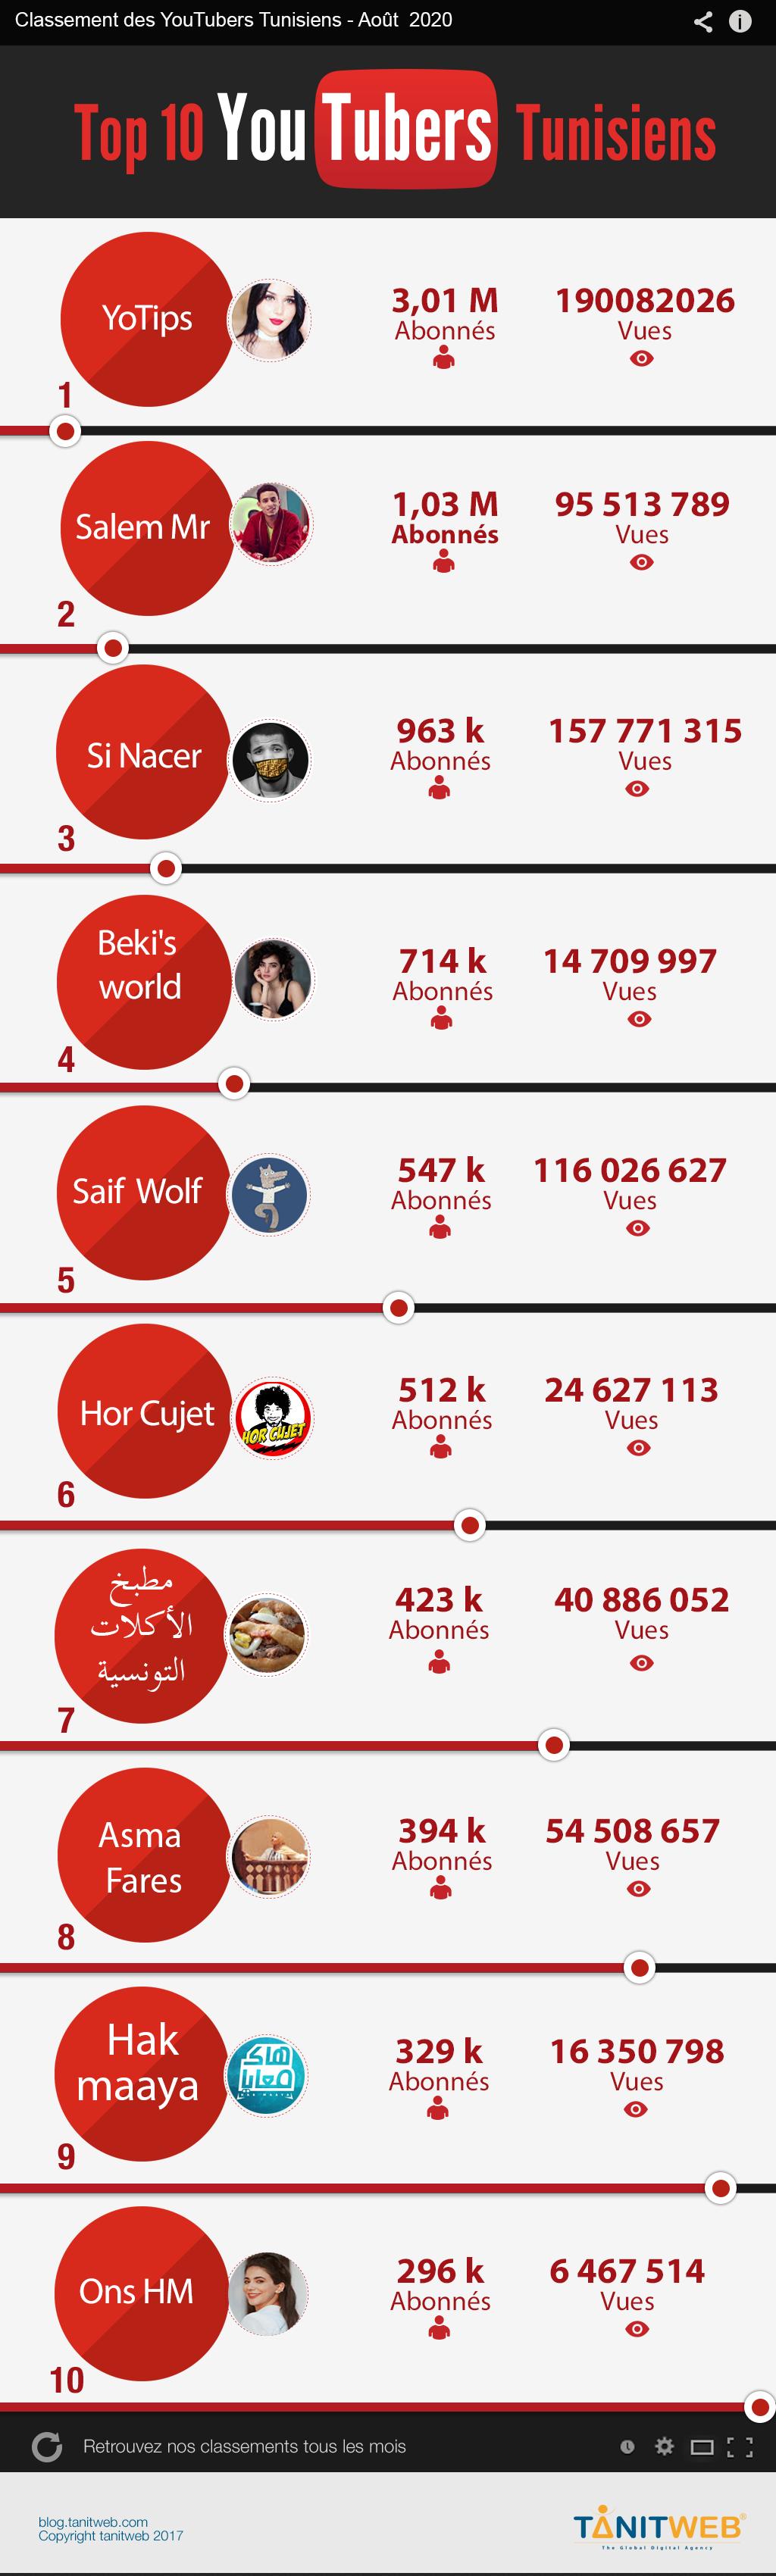 YouTubers-Tunisiens-Août-2020